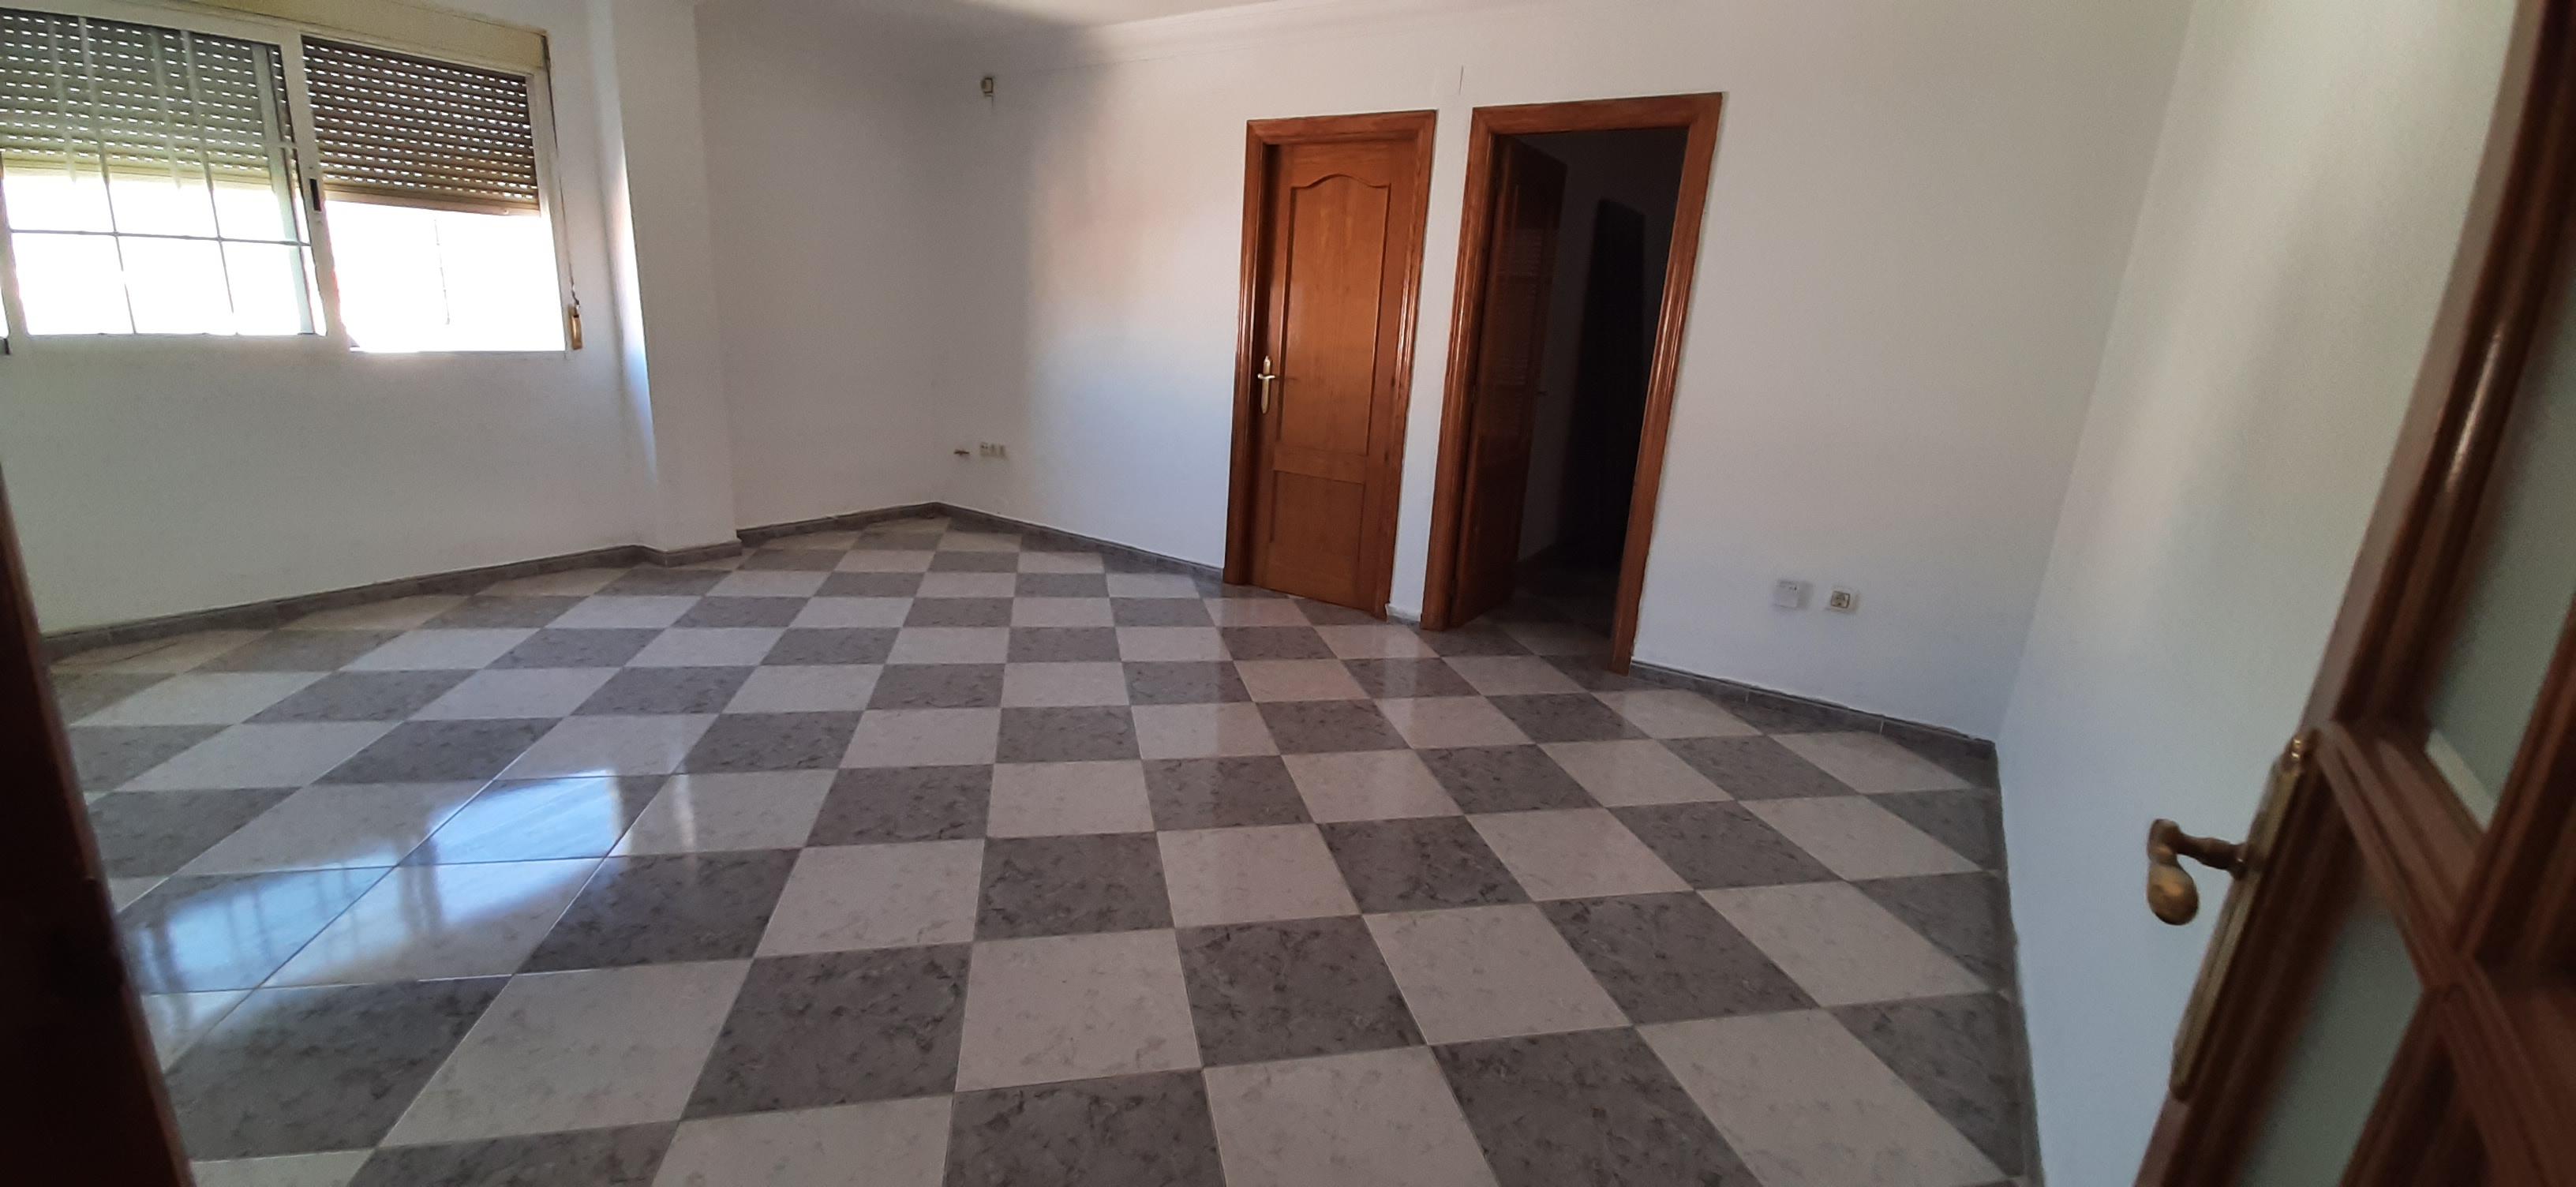 Piso en venta en La Carolina, Jaén, Calle Plaza Floridablanca, 47.000 €, 3 habitaciones, 1 baño, 94 m2